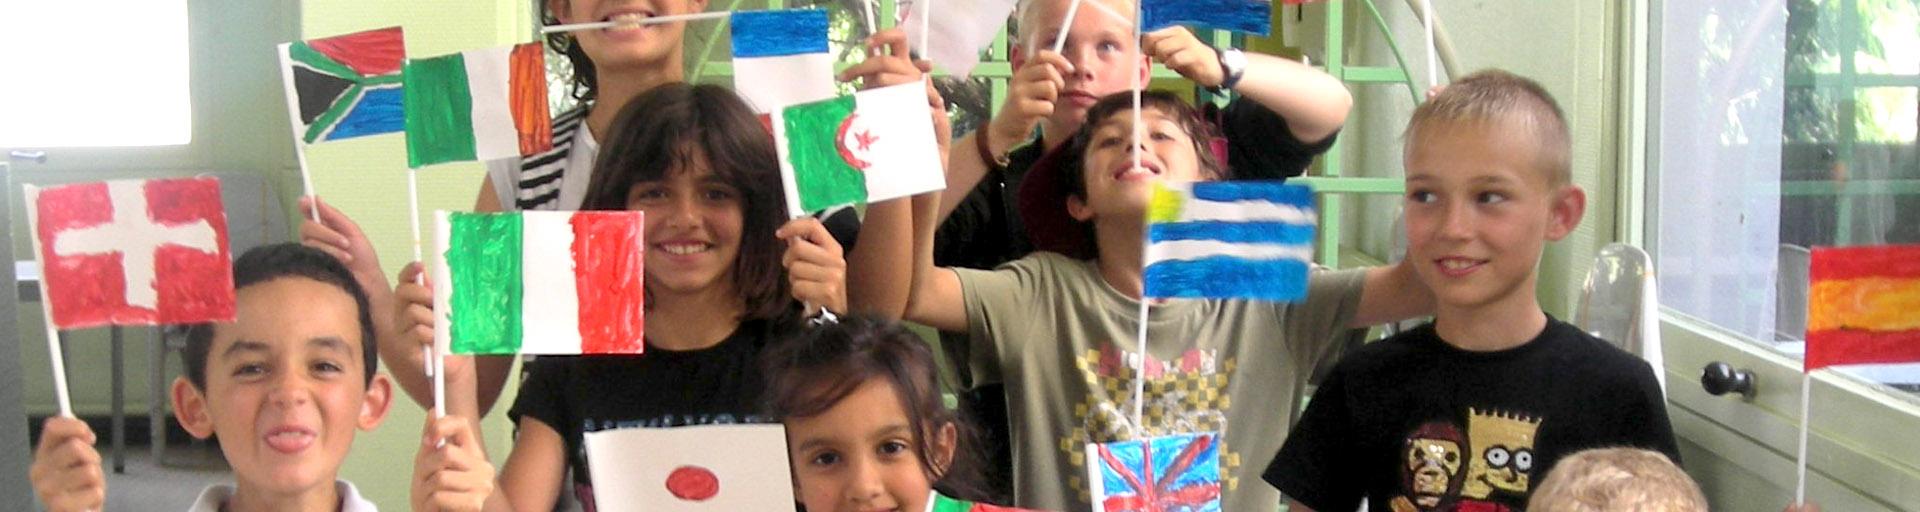 graoupe d'enfant qui agitent des drapeaux